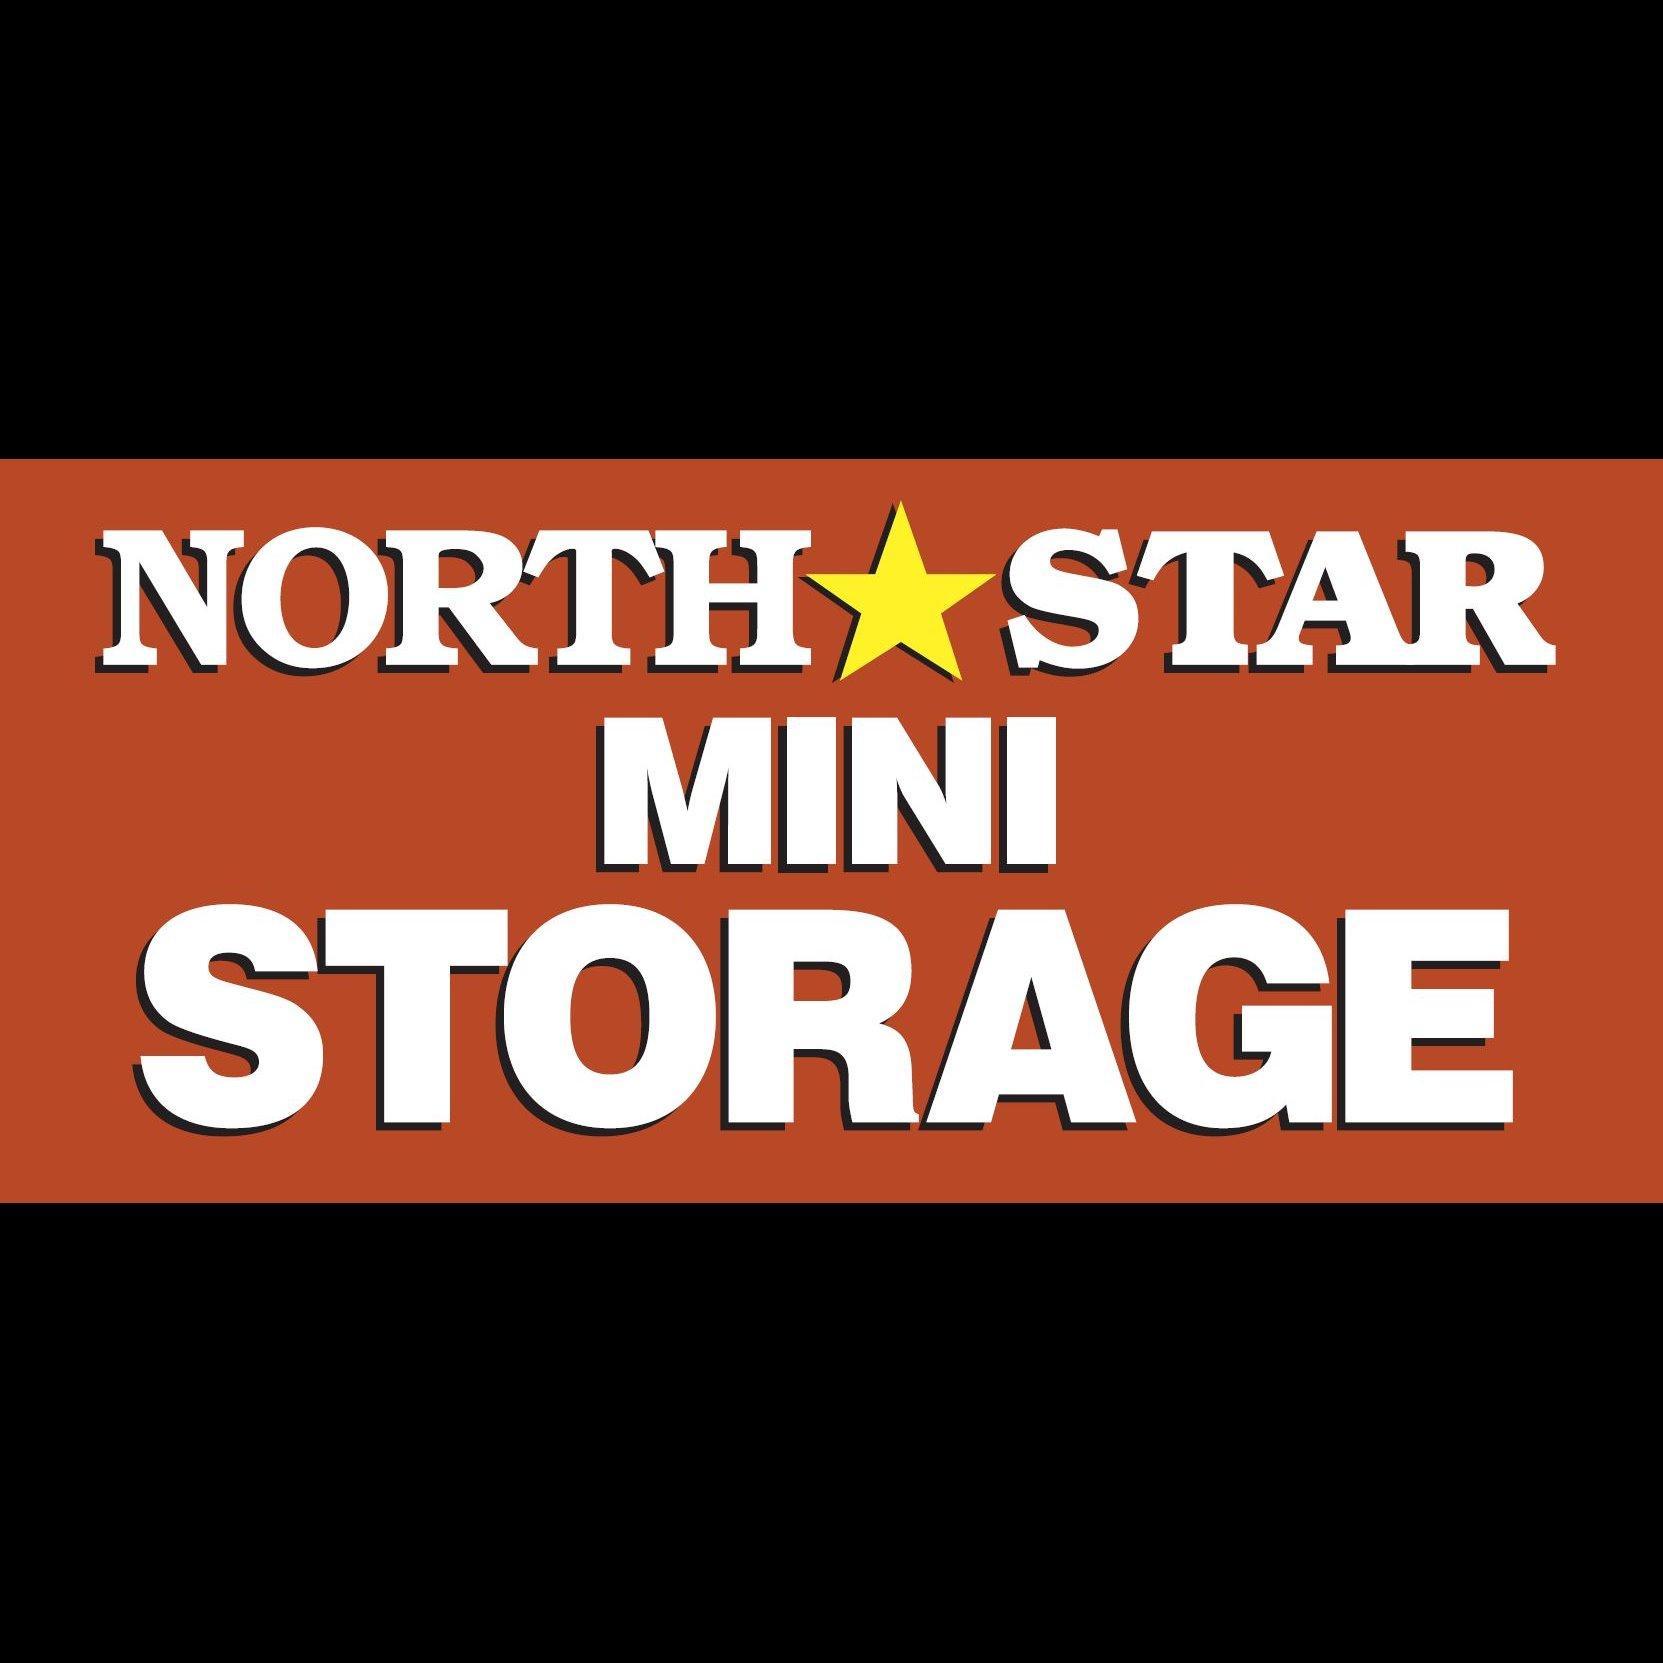 North Star Mini Storage - Burnsville, MN - Self-Storage